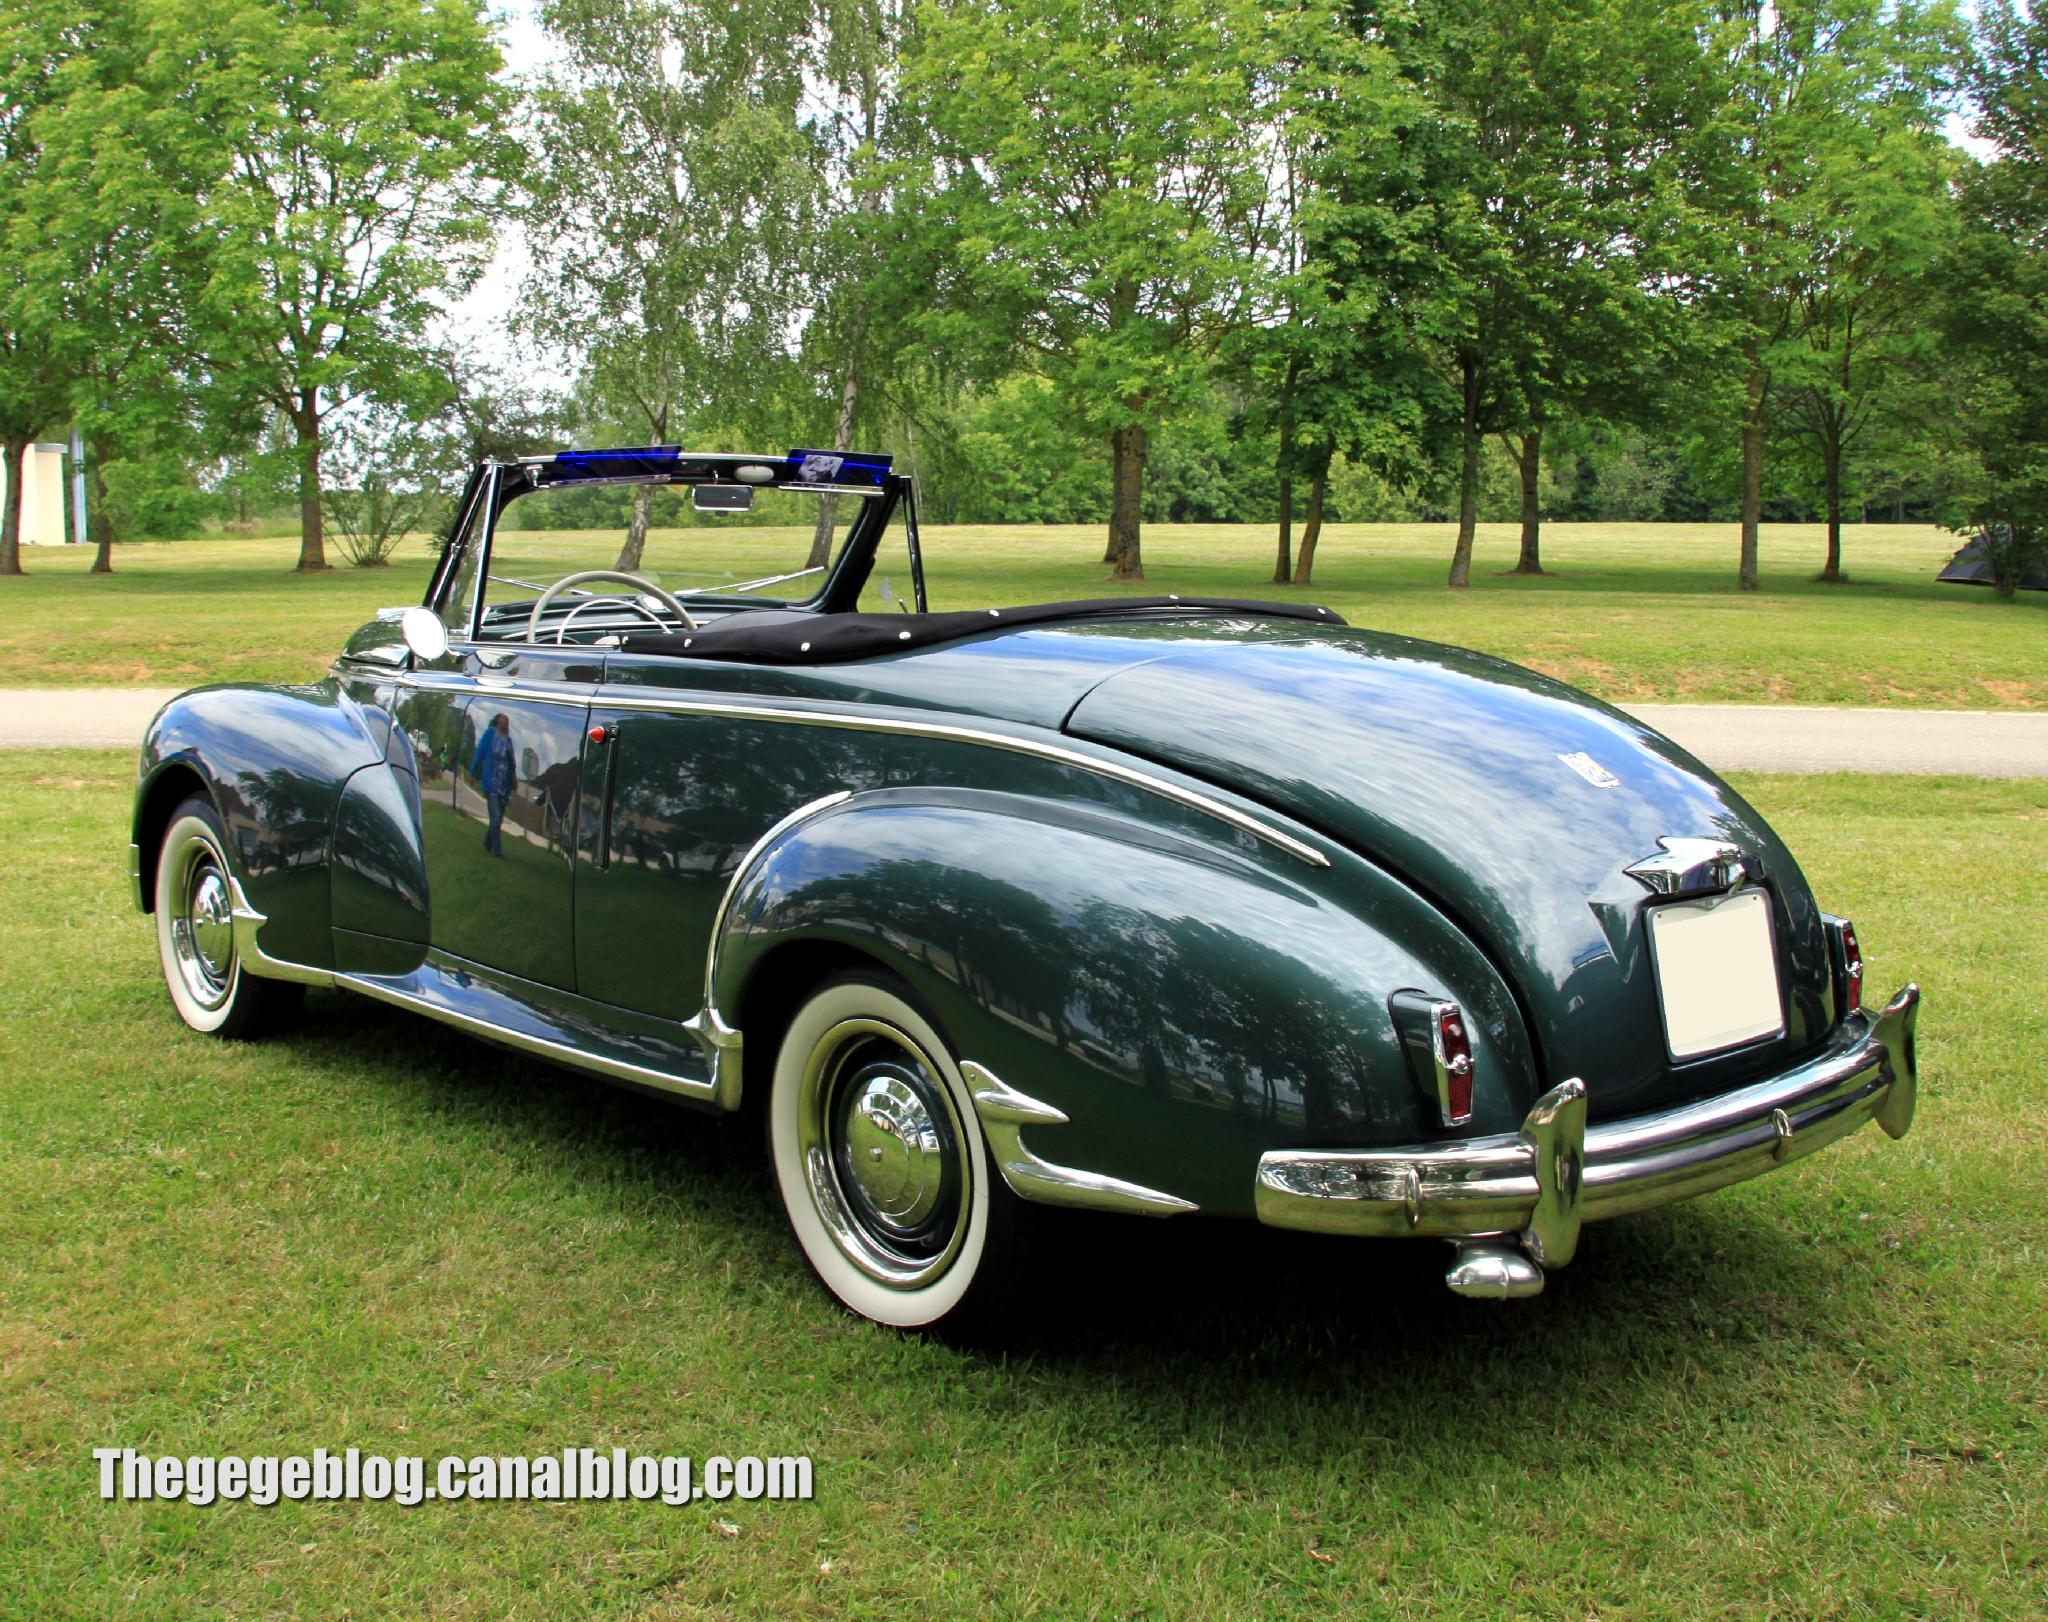 peugeot 203 a humble vintage car. Black Bedroom Furniture Sets. Home Design Ideas